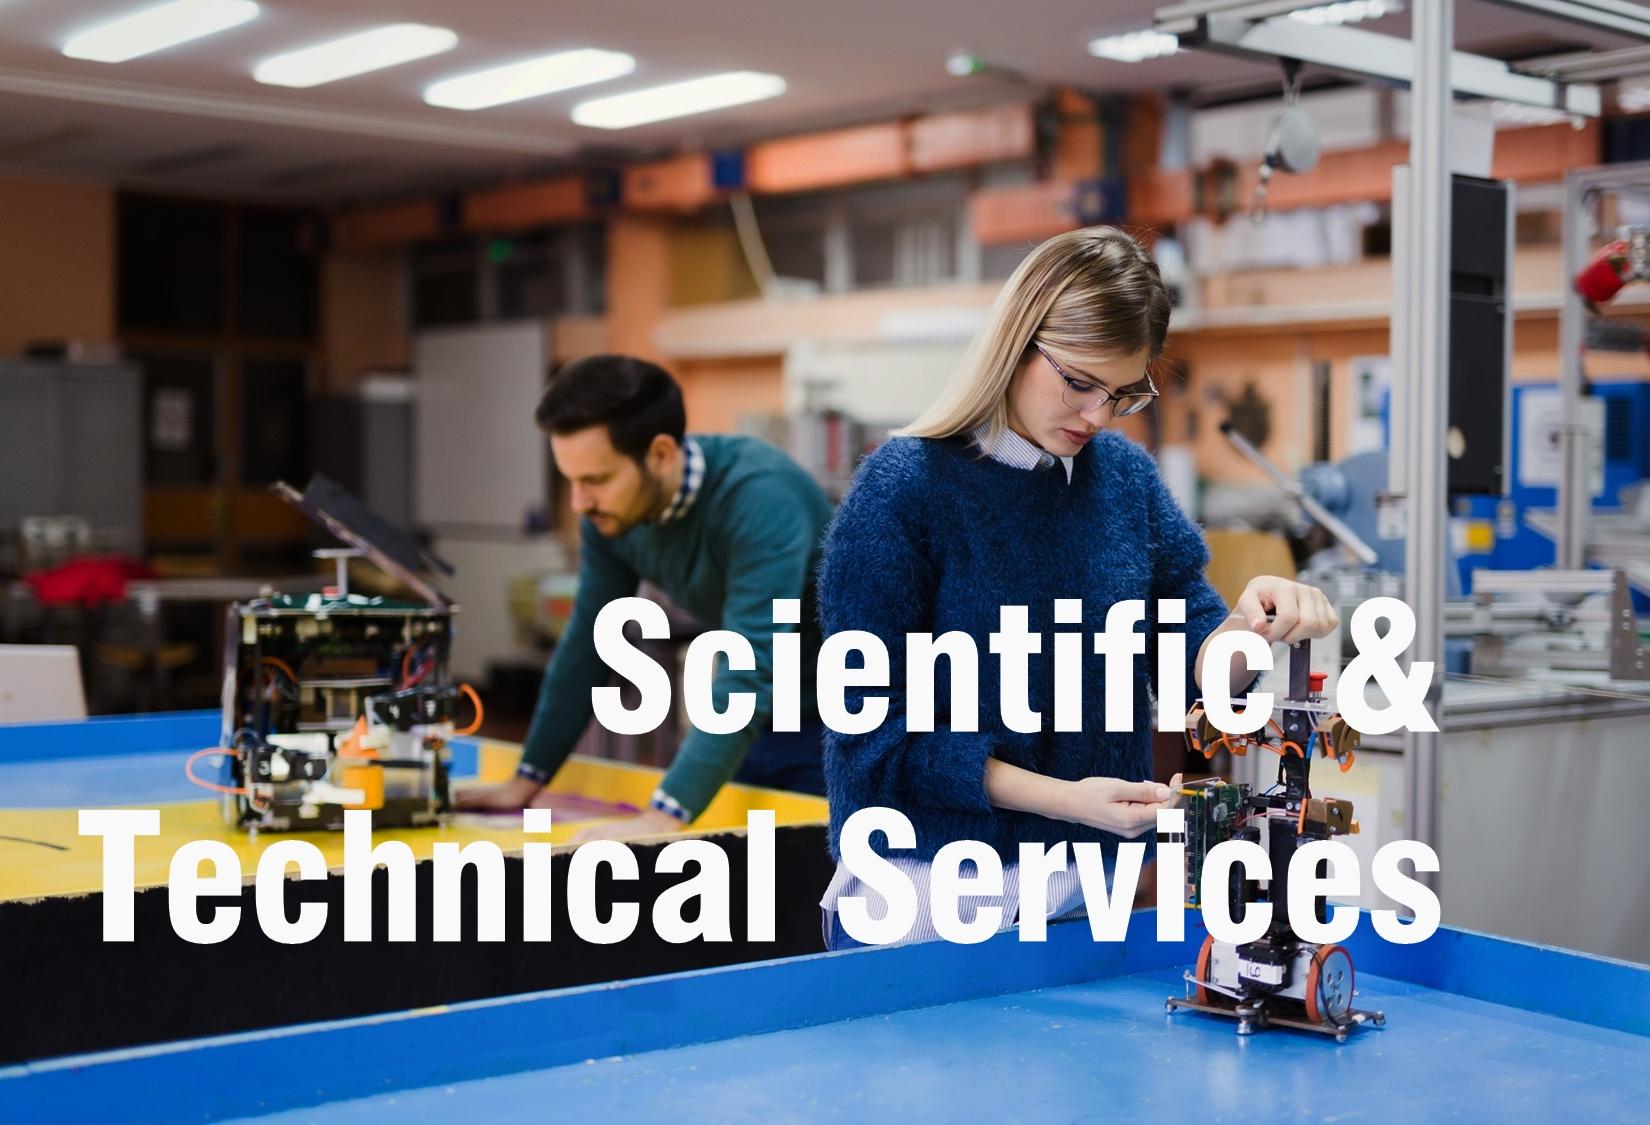 Scientific & Technical Services